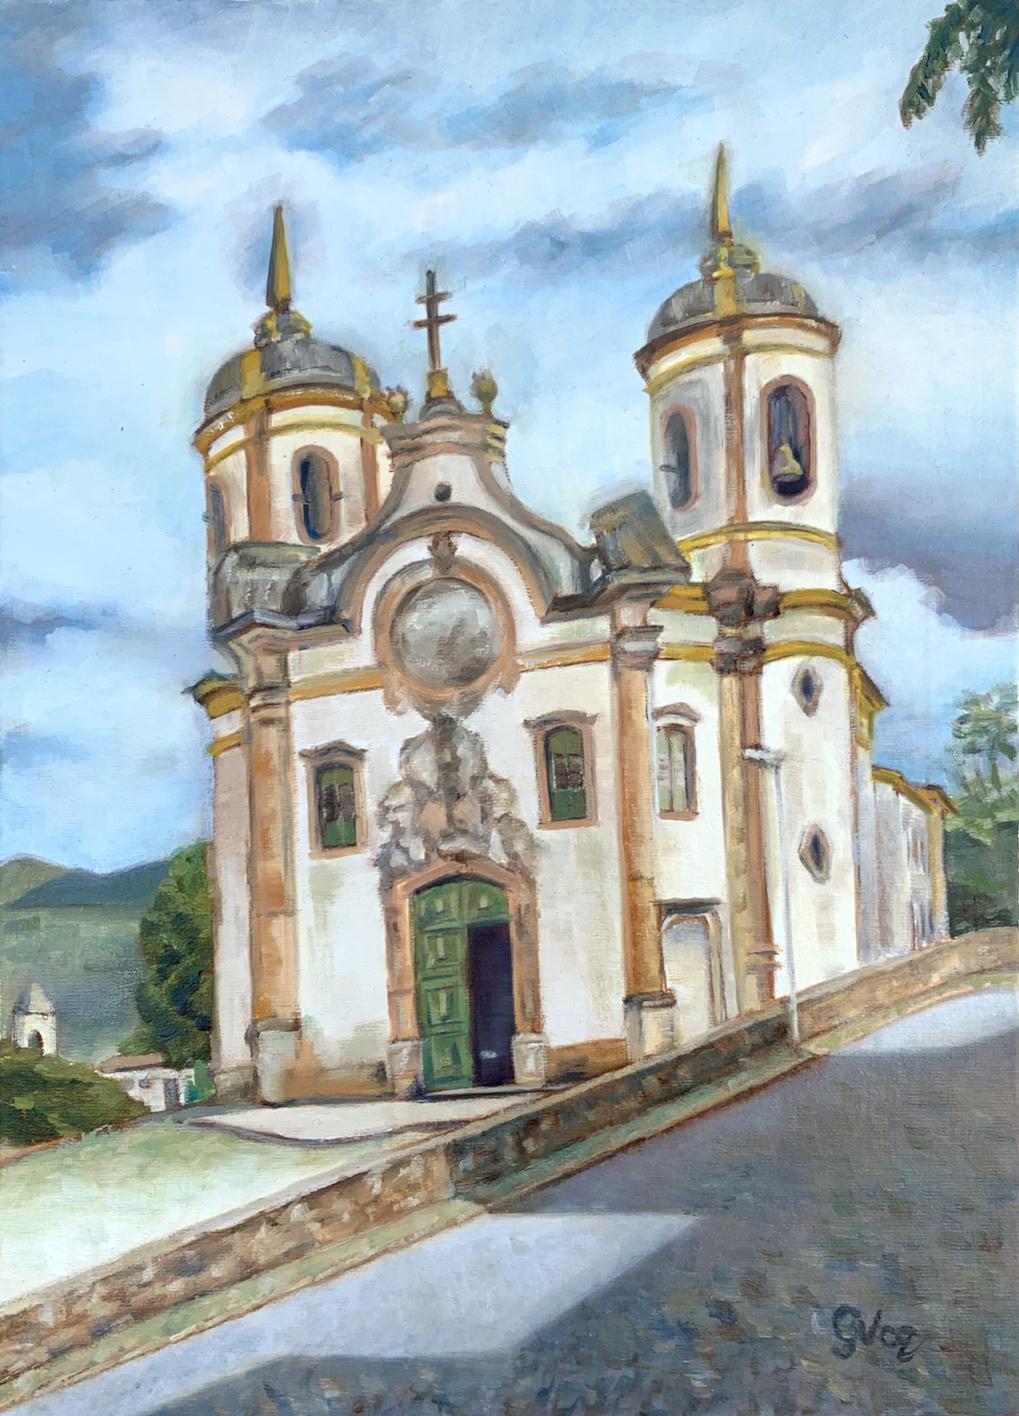 Igreja de São Francisco de Assis, oil on canvas, 35 x 25 cm, 2021